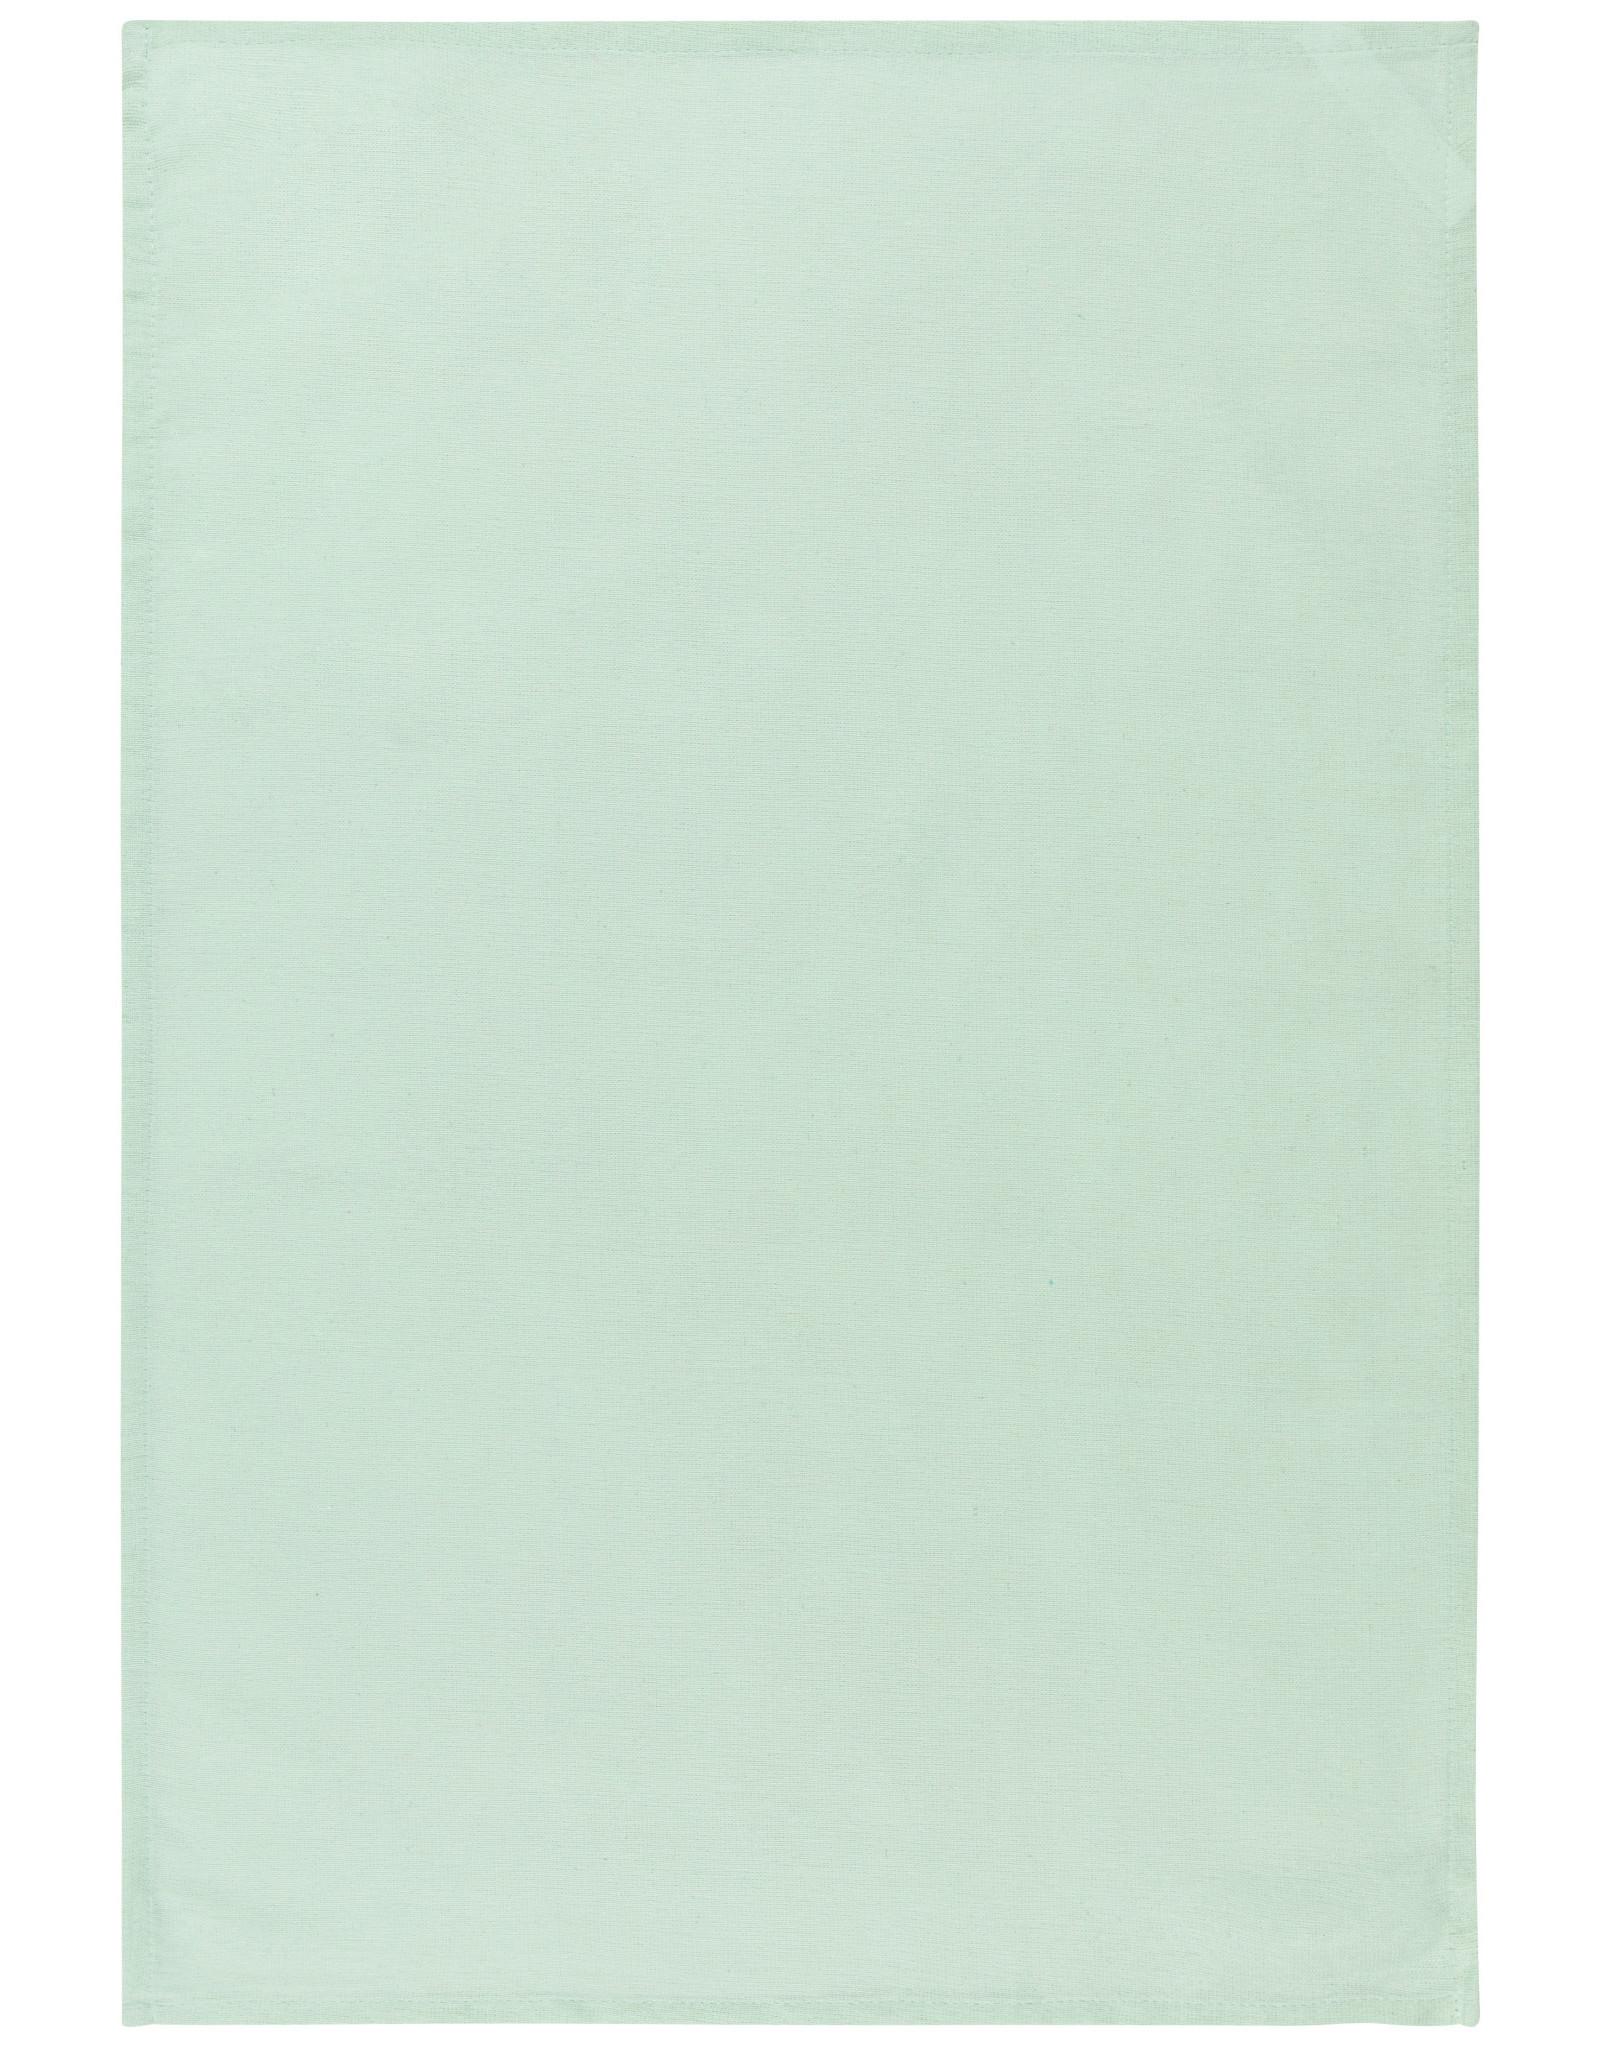 Danica Tea Towel - set of 3 Flour Fiesta/Jade/Lucite